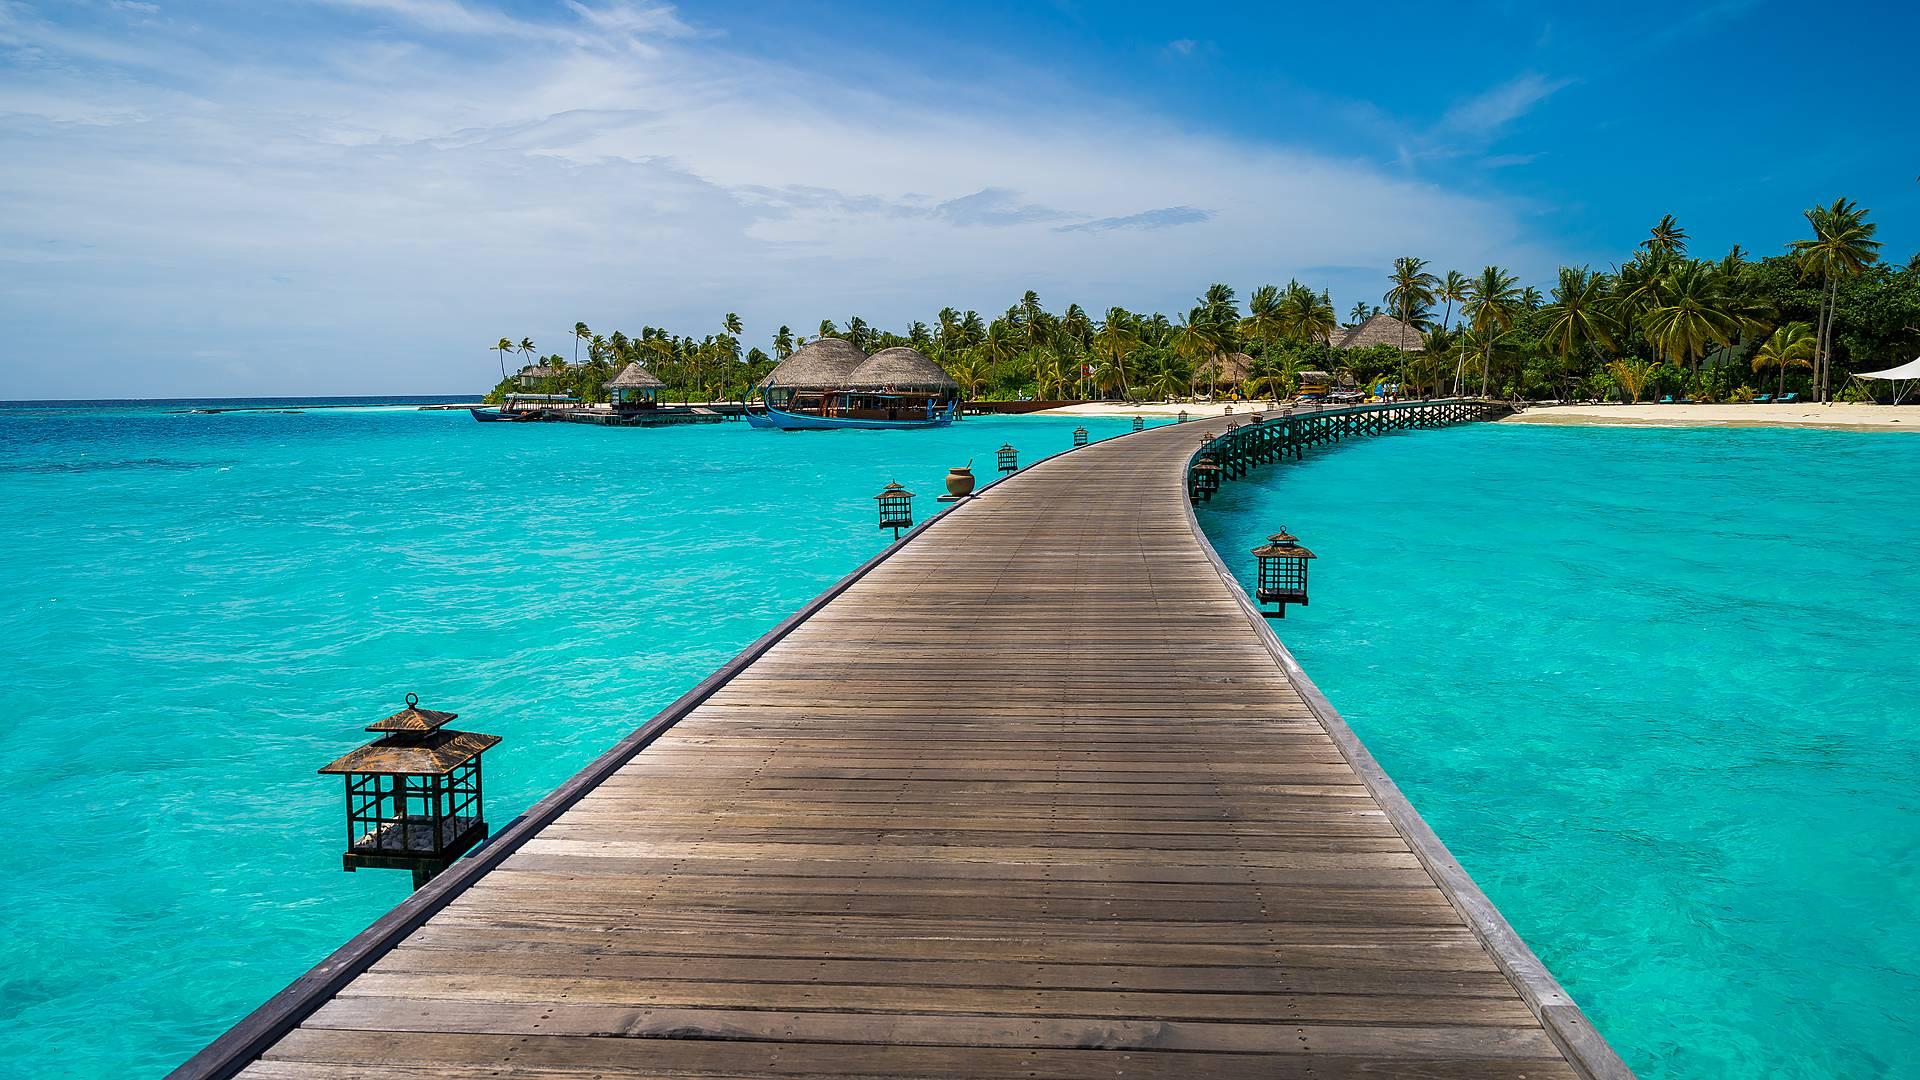 Sri Lanka e Maldive, le due perle dell'oceano indiano (da settembre a marzo)